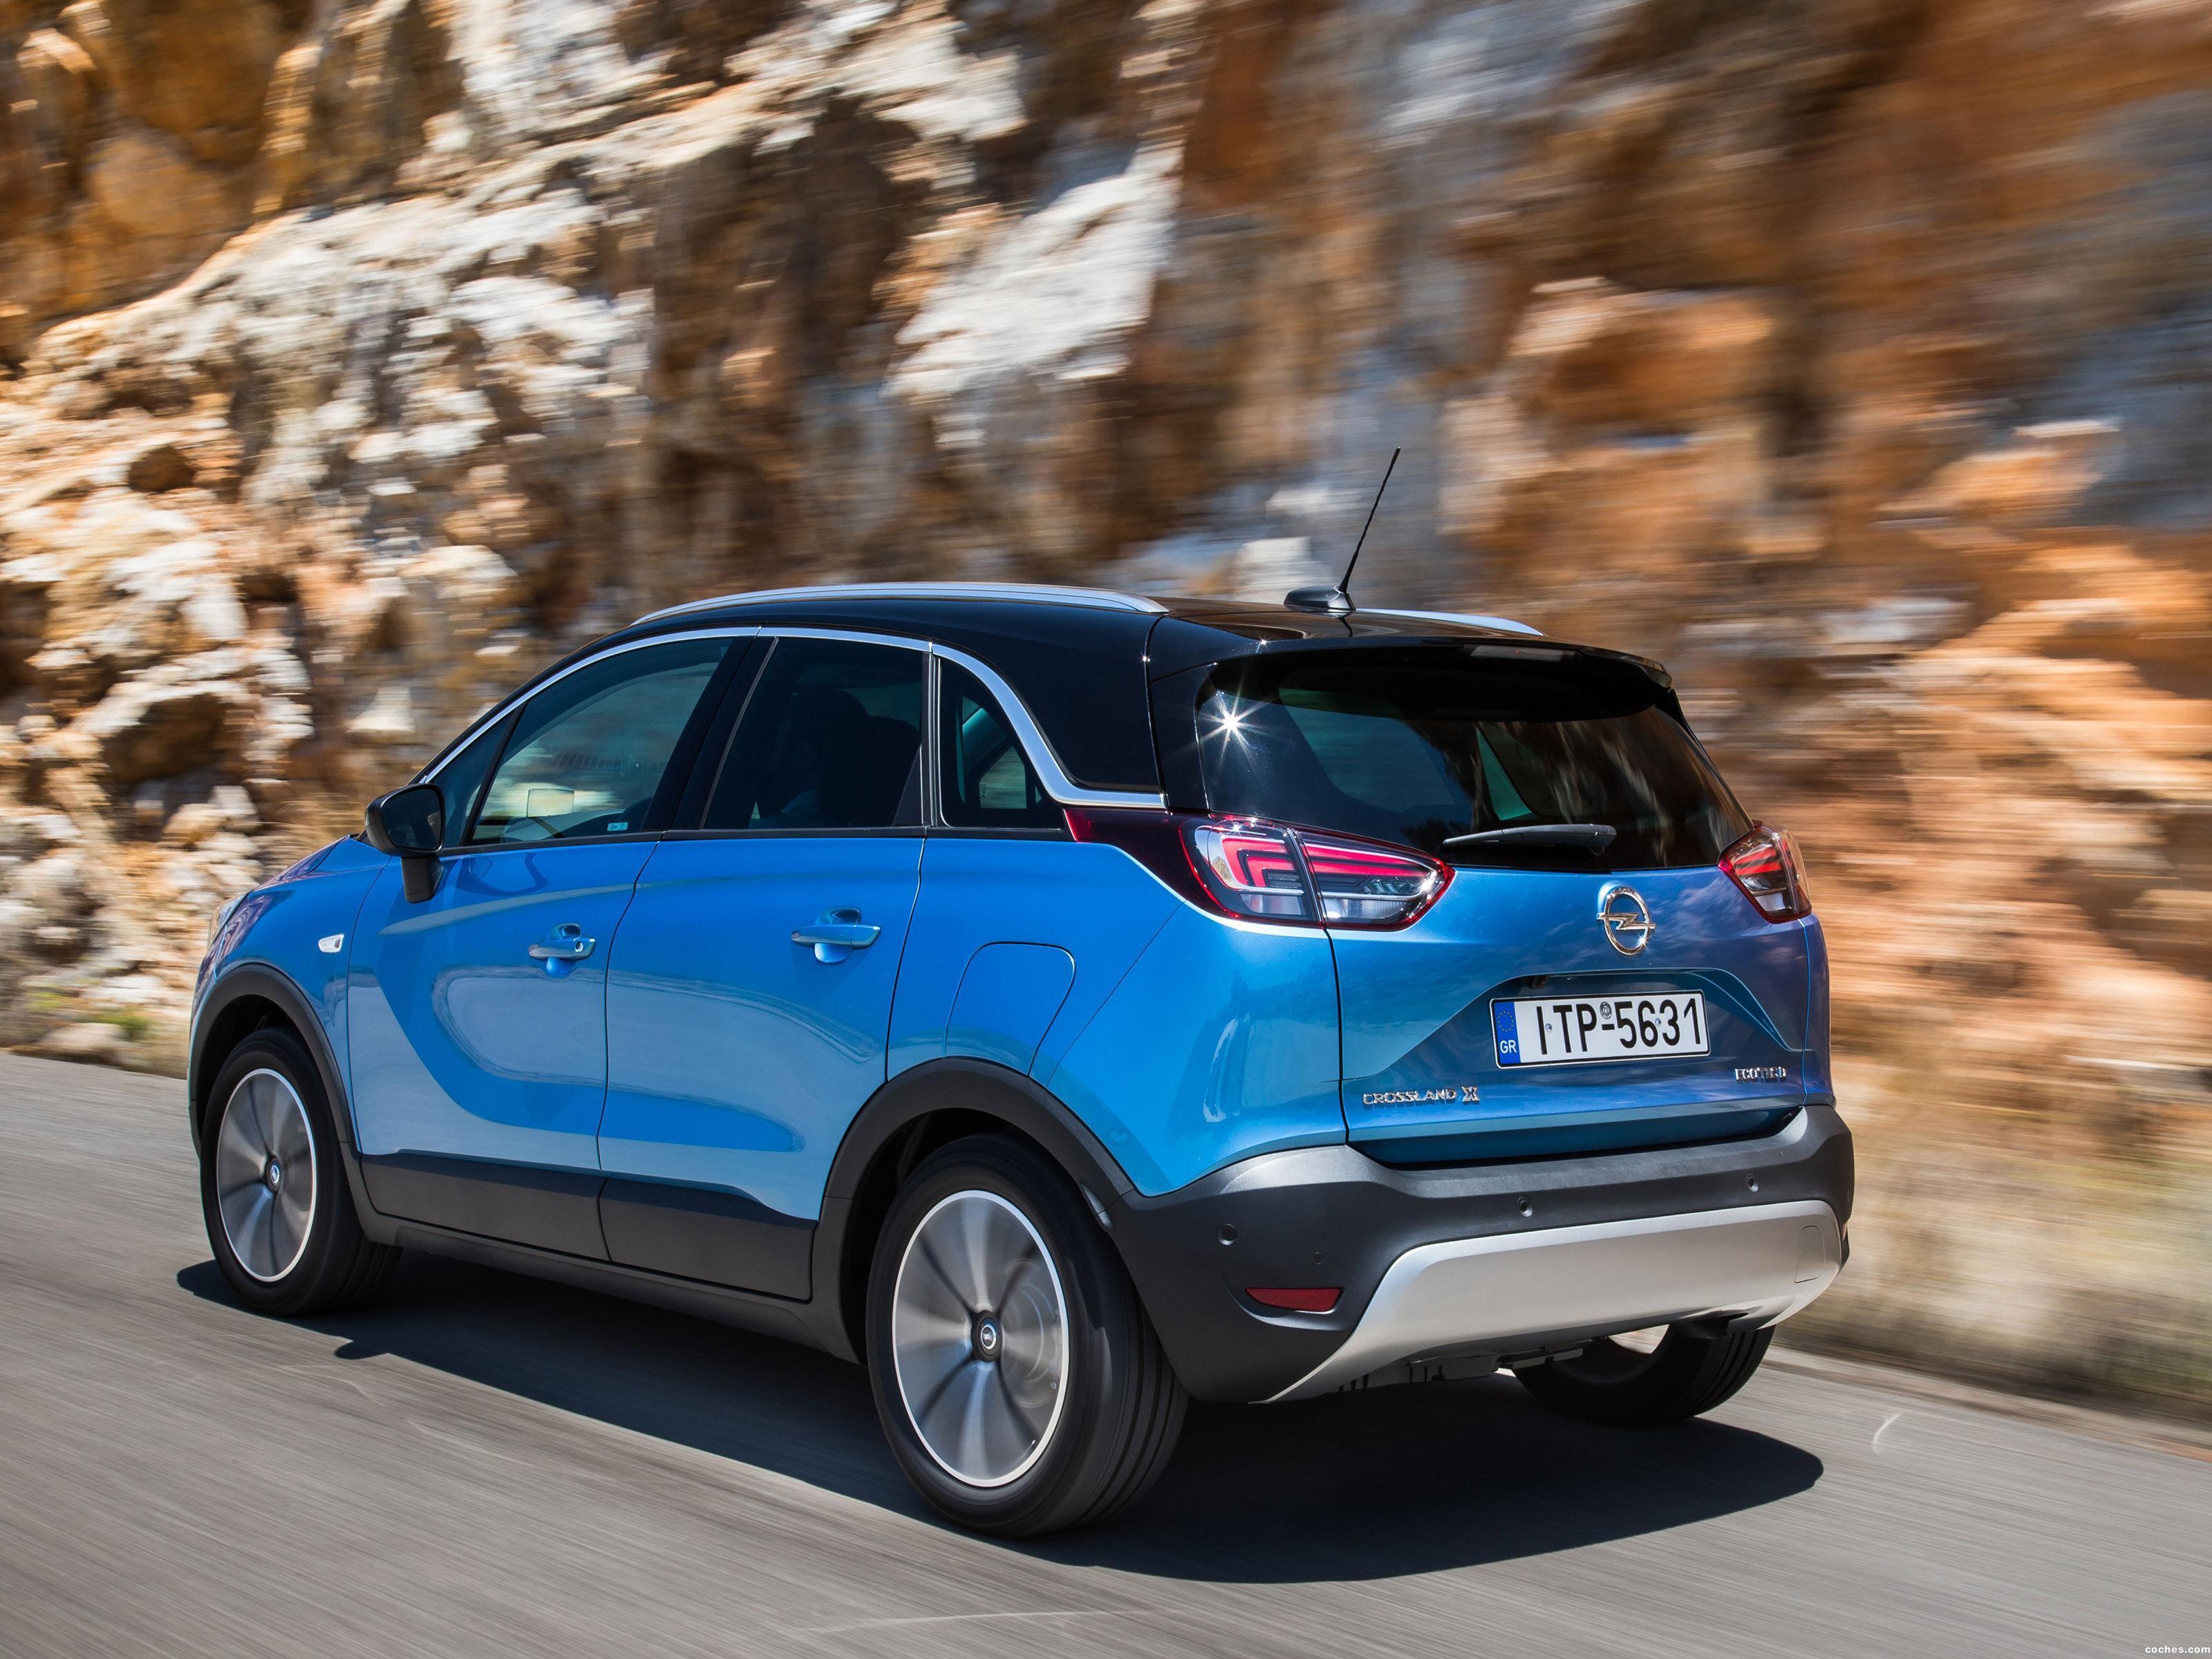 Foto 1 de Opel Crossland X Ecotec D  2017